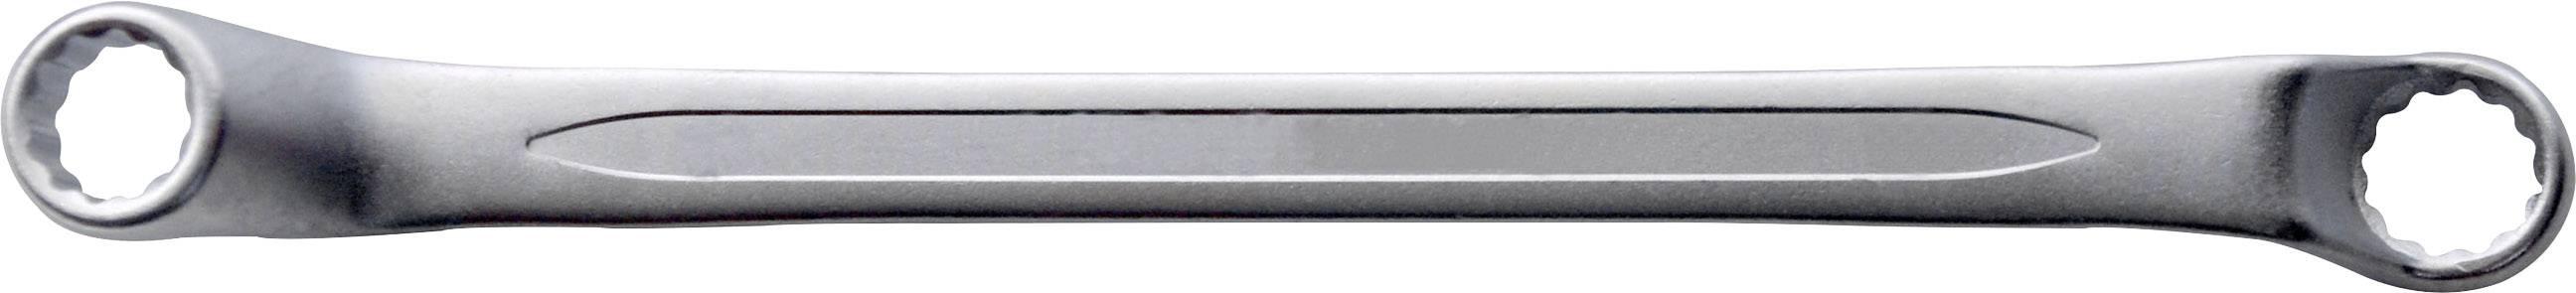 Obojstranný očkový kľúč TOOLCRAFT 820848, 6 - 7 mm, N/A